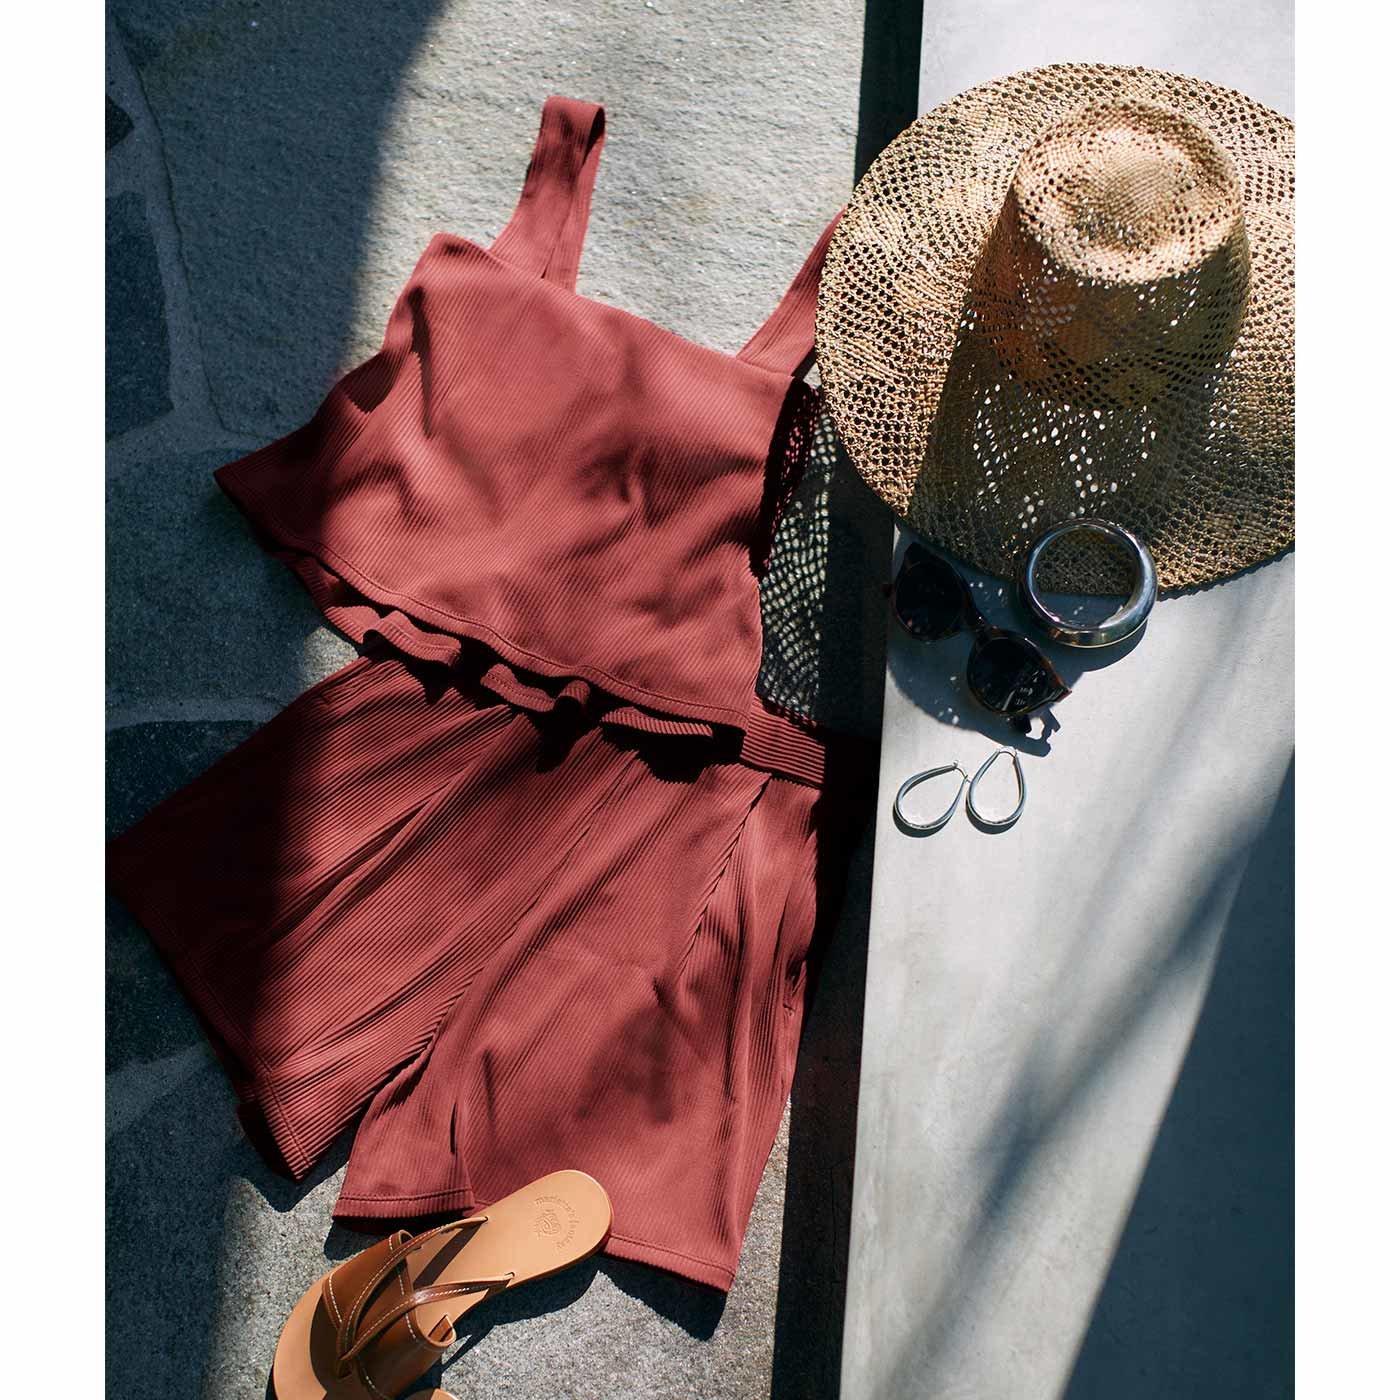 【3~10日でお届け】IEDIT[イディット] 福田麻琴さんコラボ まるで服みたいなスイムウェア〈ブリックブラウン〉